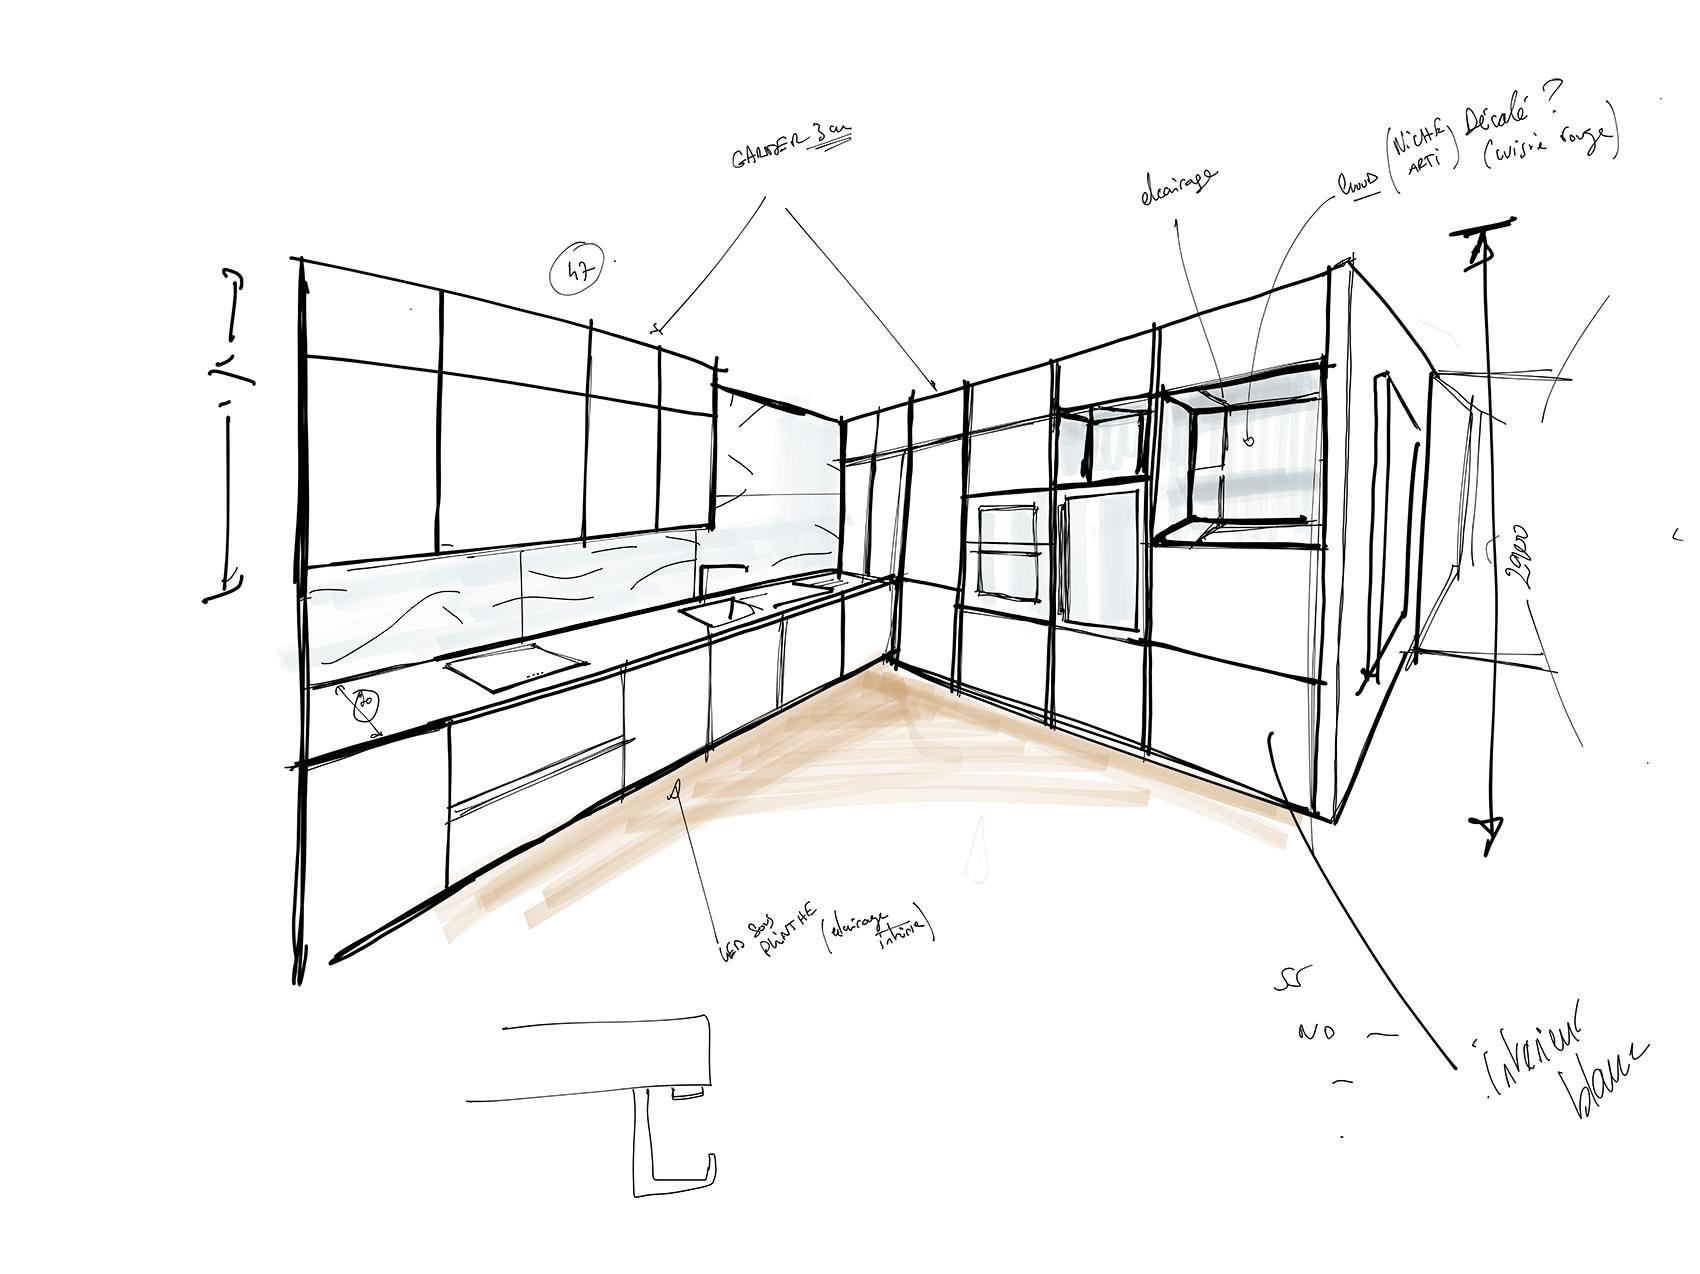 Joyanahome2 cuisine sur mesure schmidt blog design jo for Cuisine integree sur mesure